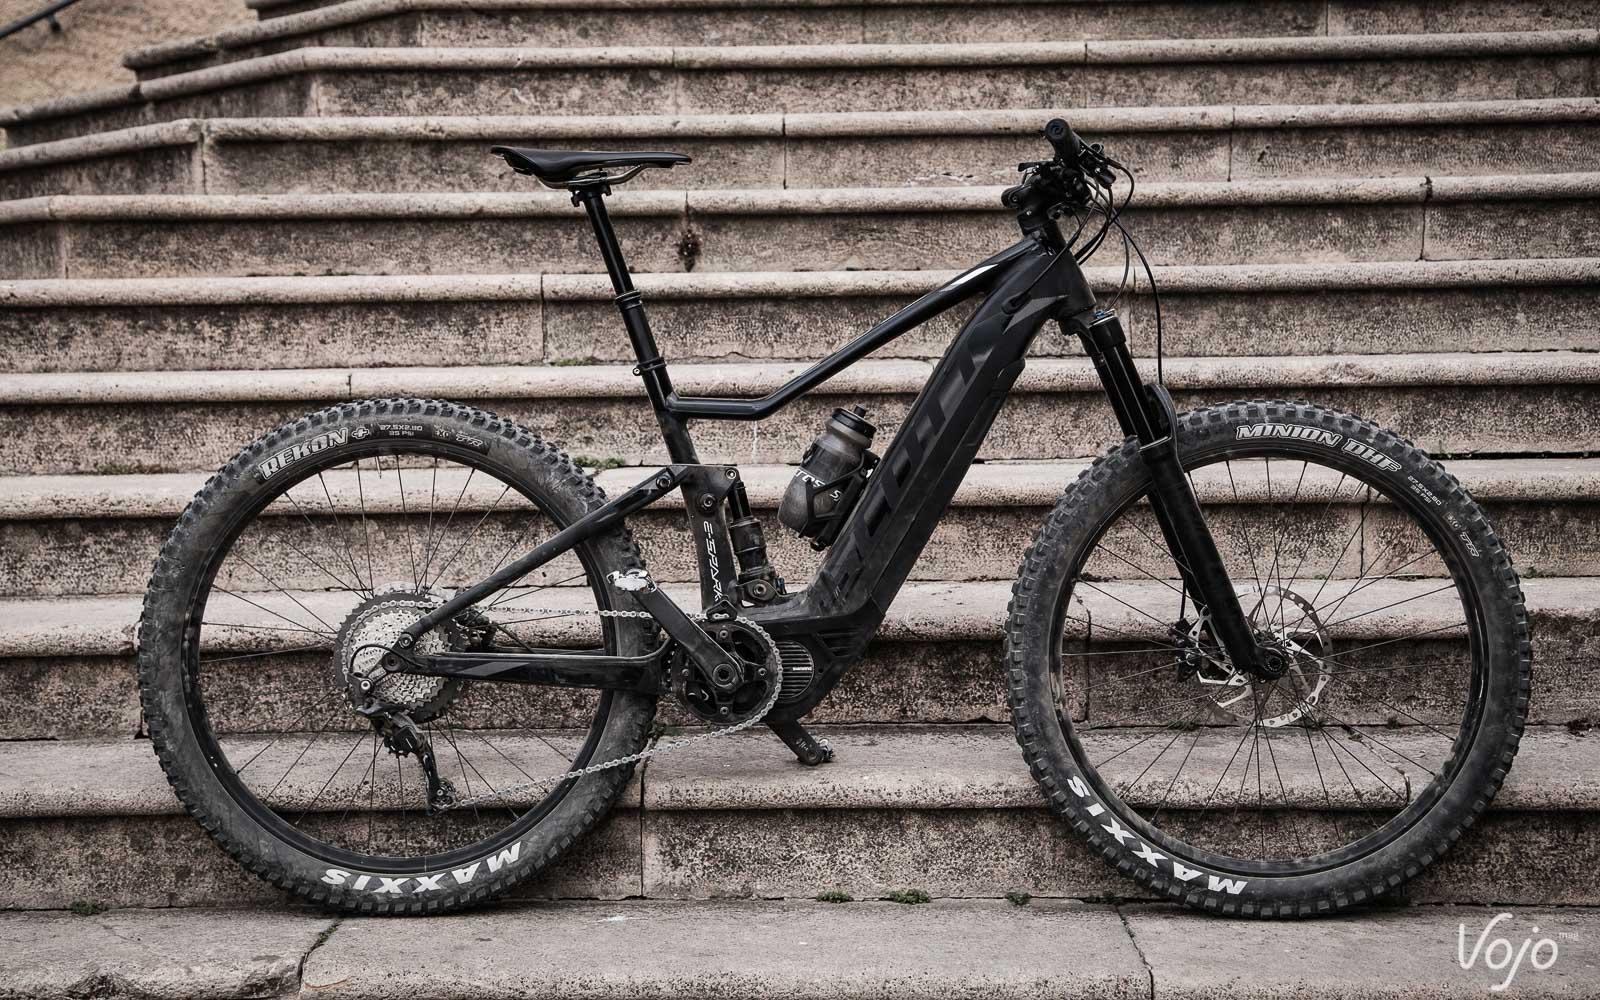 e70907faf50 C'est lors du Bike Festival de Riva del Garda que Scott a présenté  officiellement la version définitive du très attendu Scott e-Spark Plus.